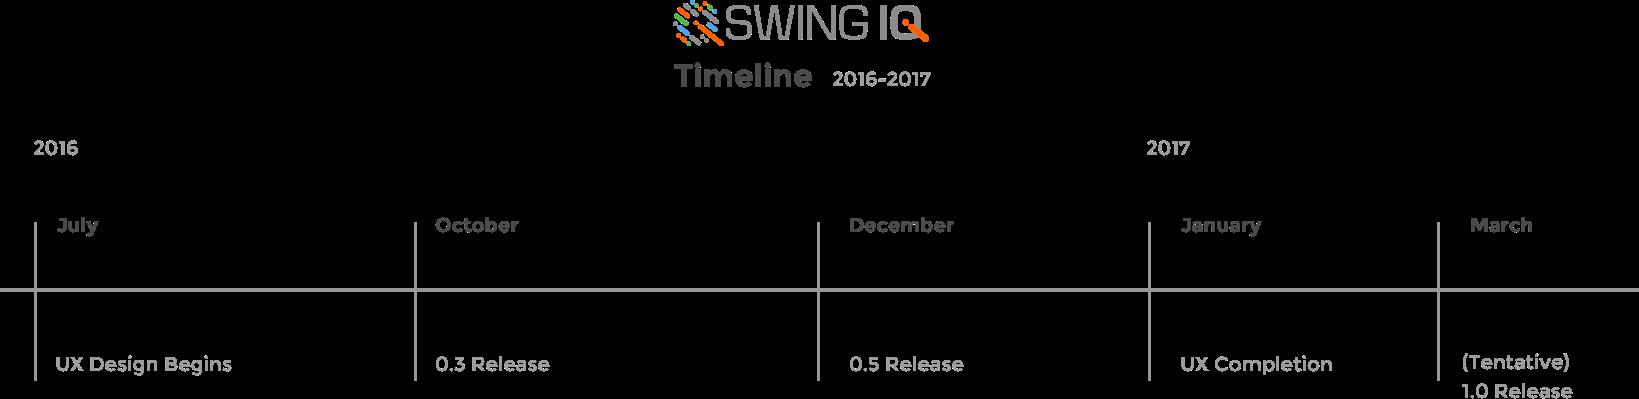 SwingIQ-Timeline-2